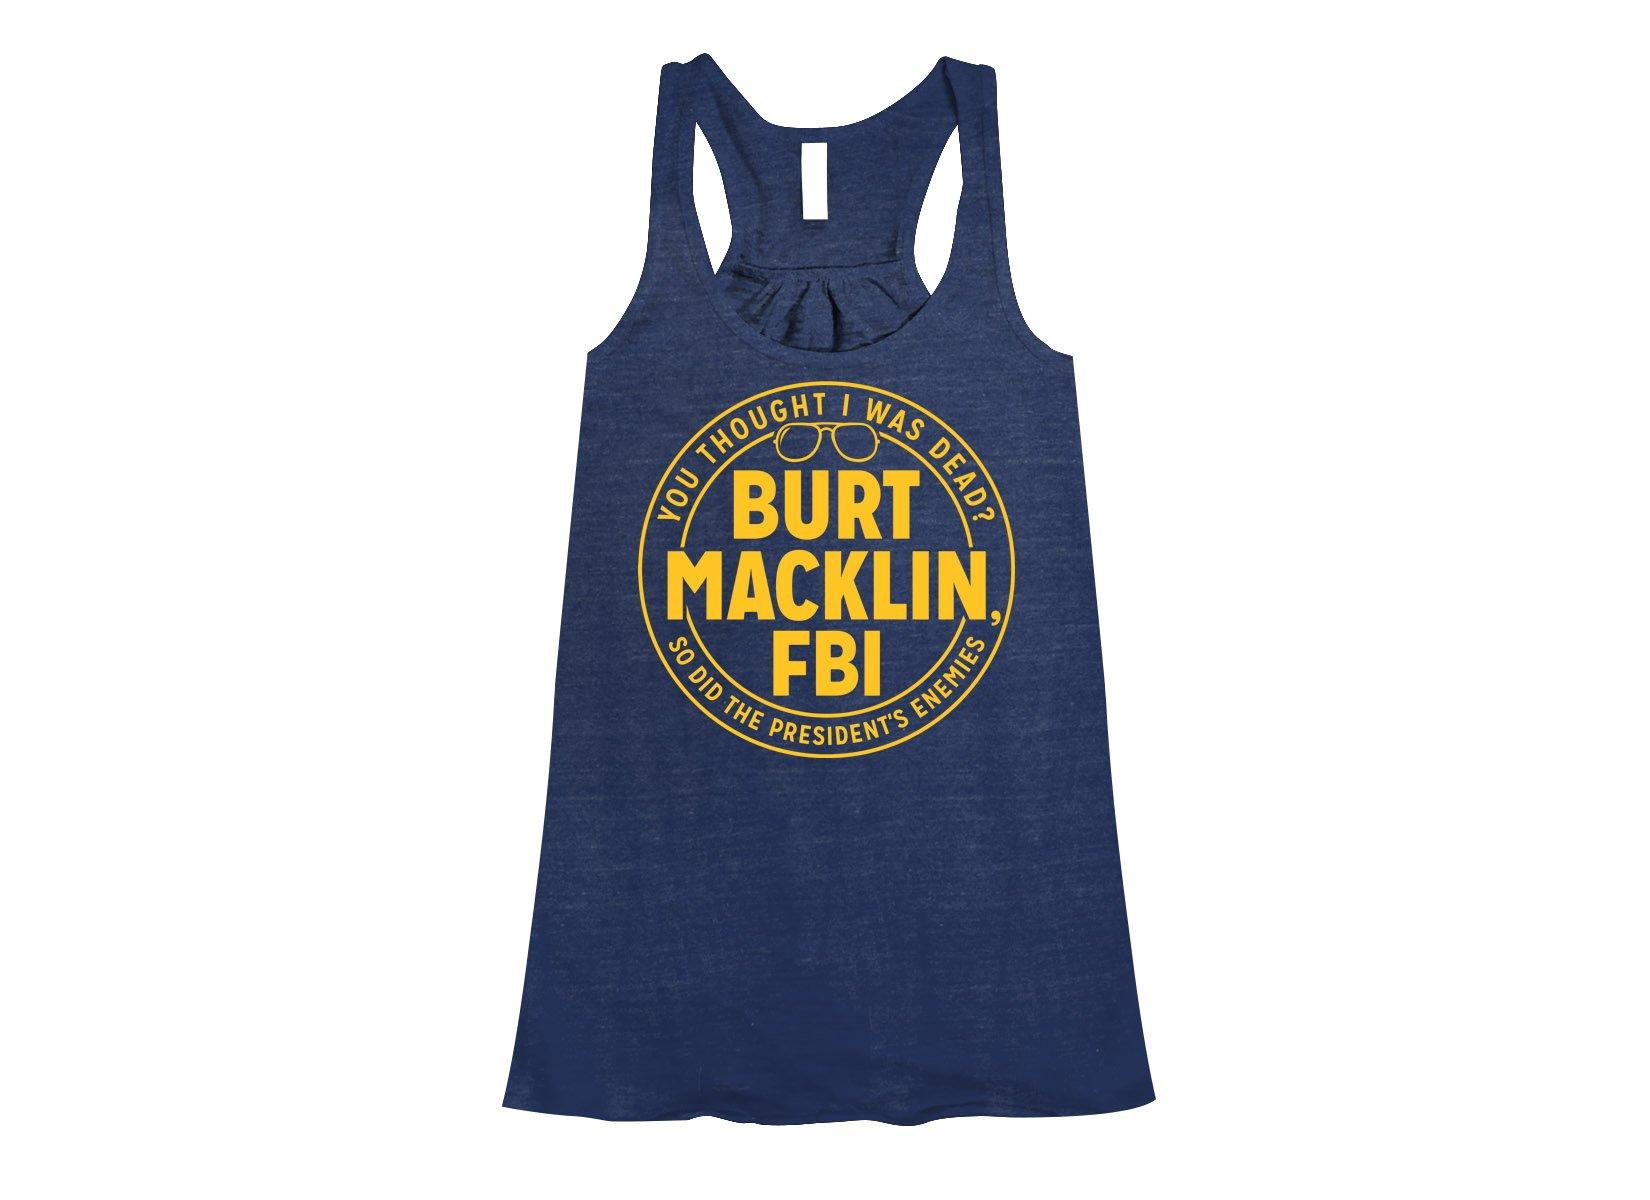 Burt Macklin, FBI on Womens Tanks T-Shirt